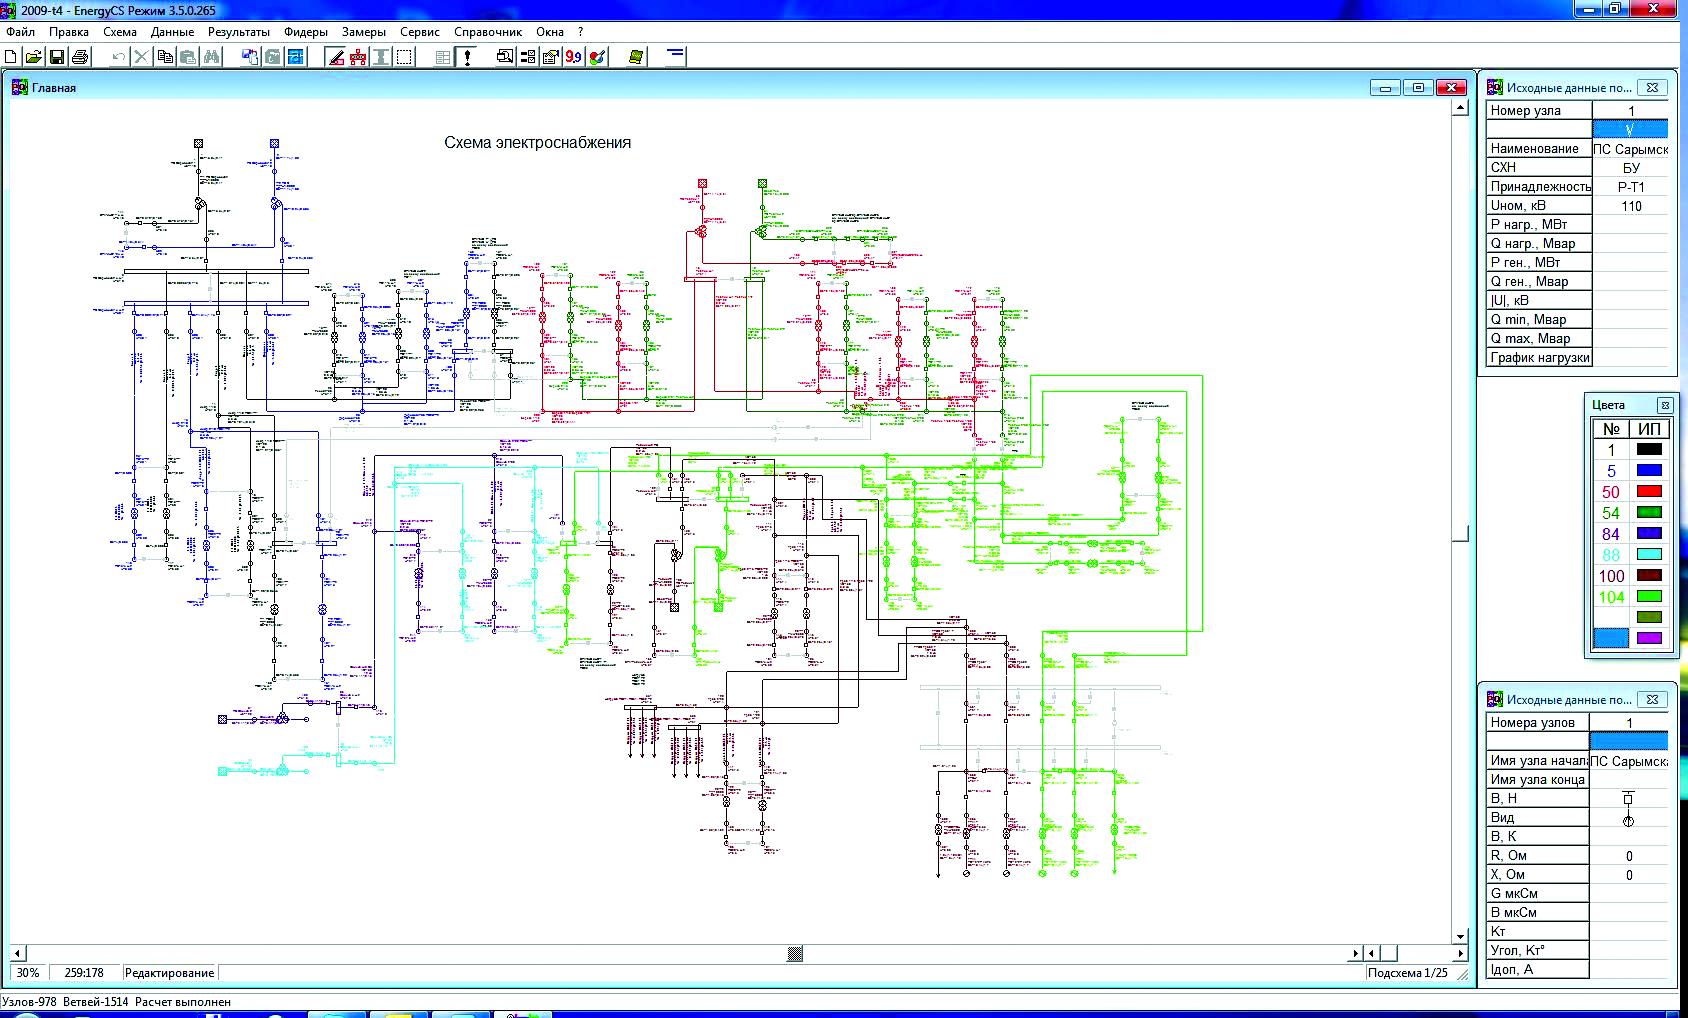 однолинейная схема электроснабжения и их обозначения